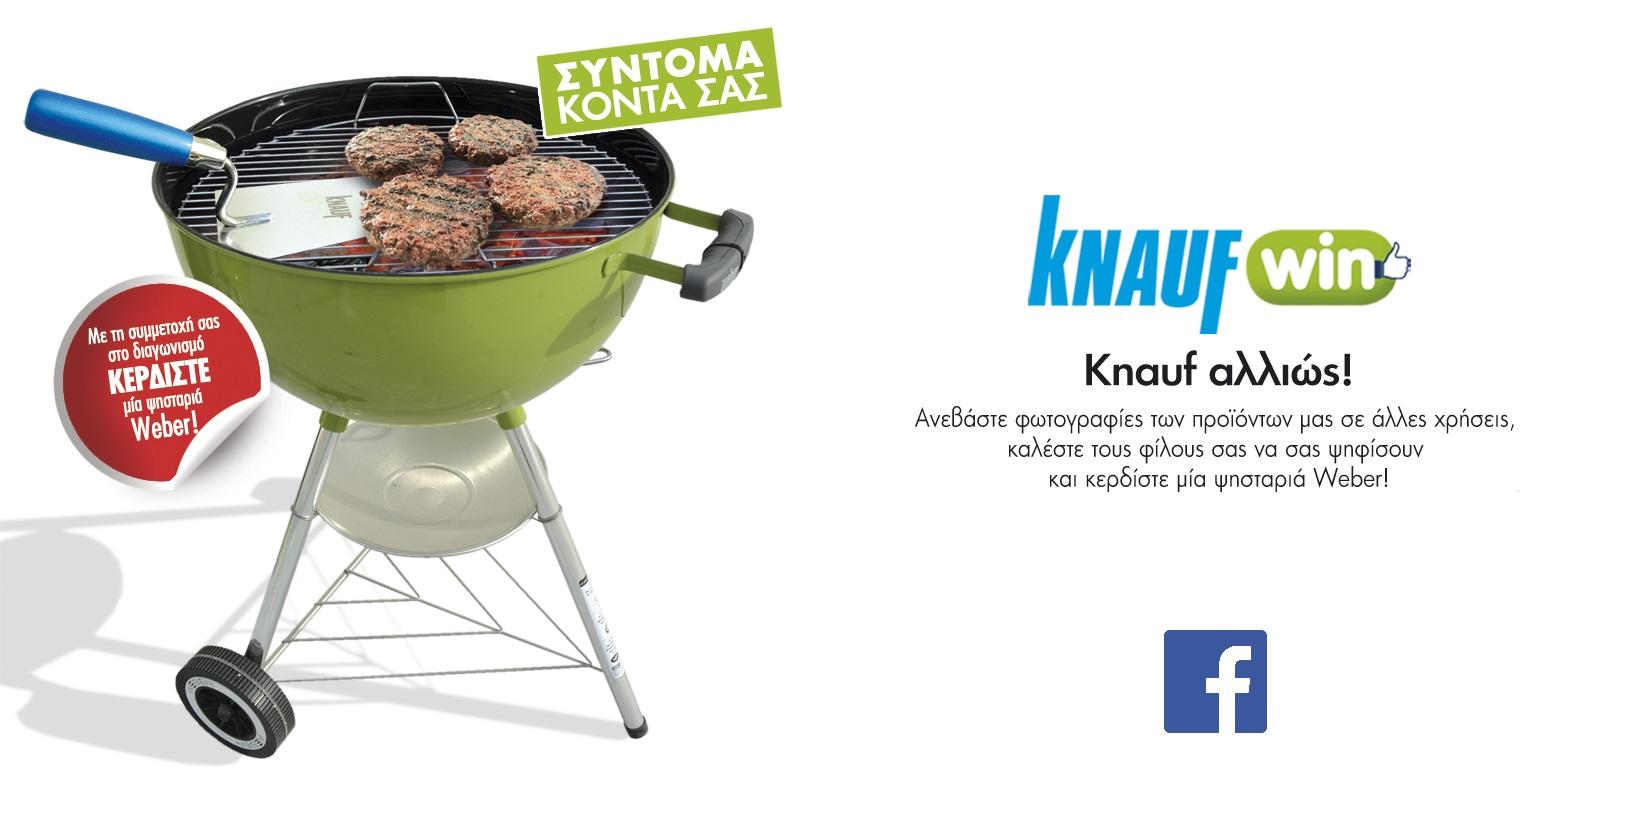 """Διαγωνισμός """"Knauf αλλιώς"""" στο Facebook"""